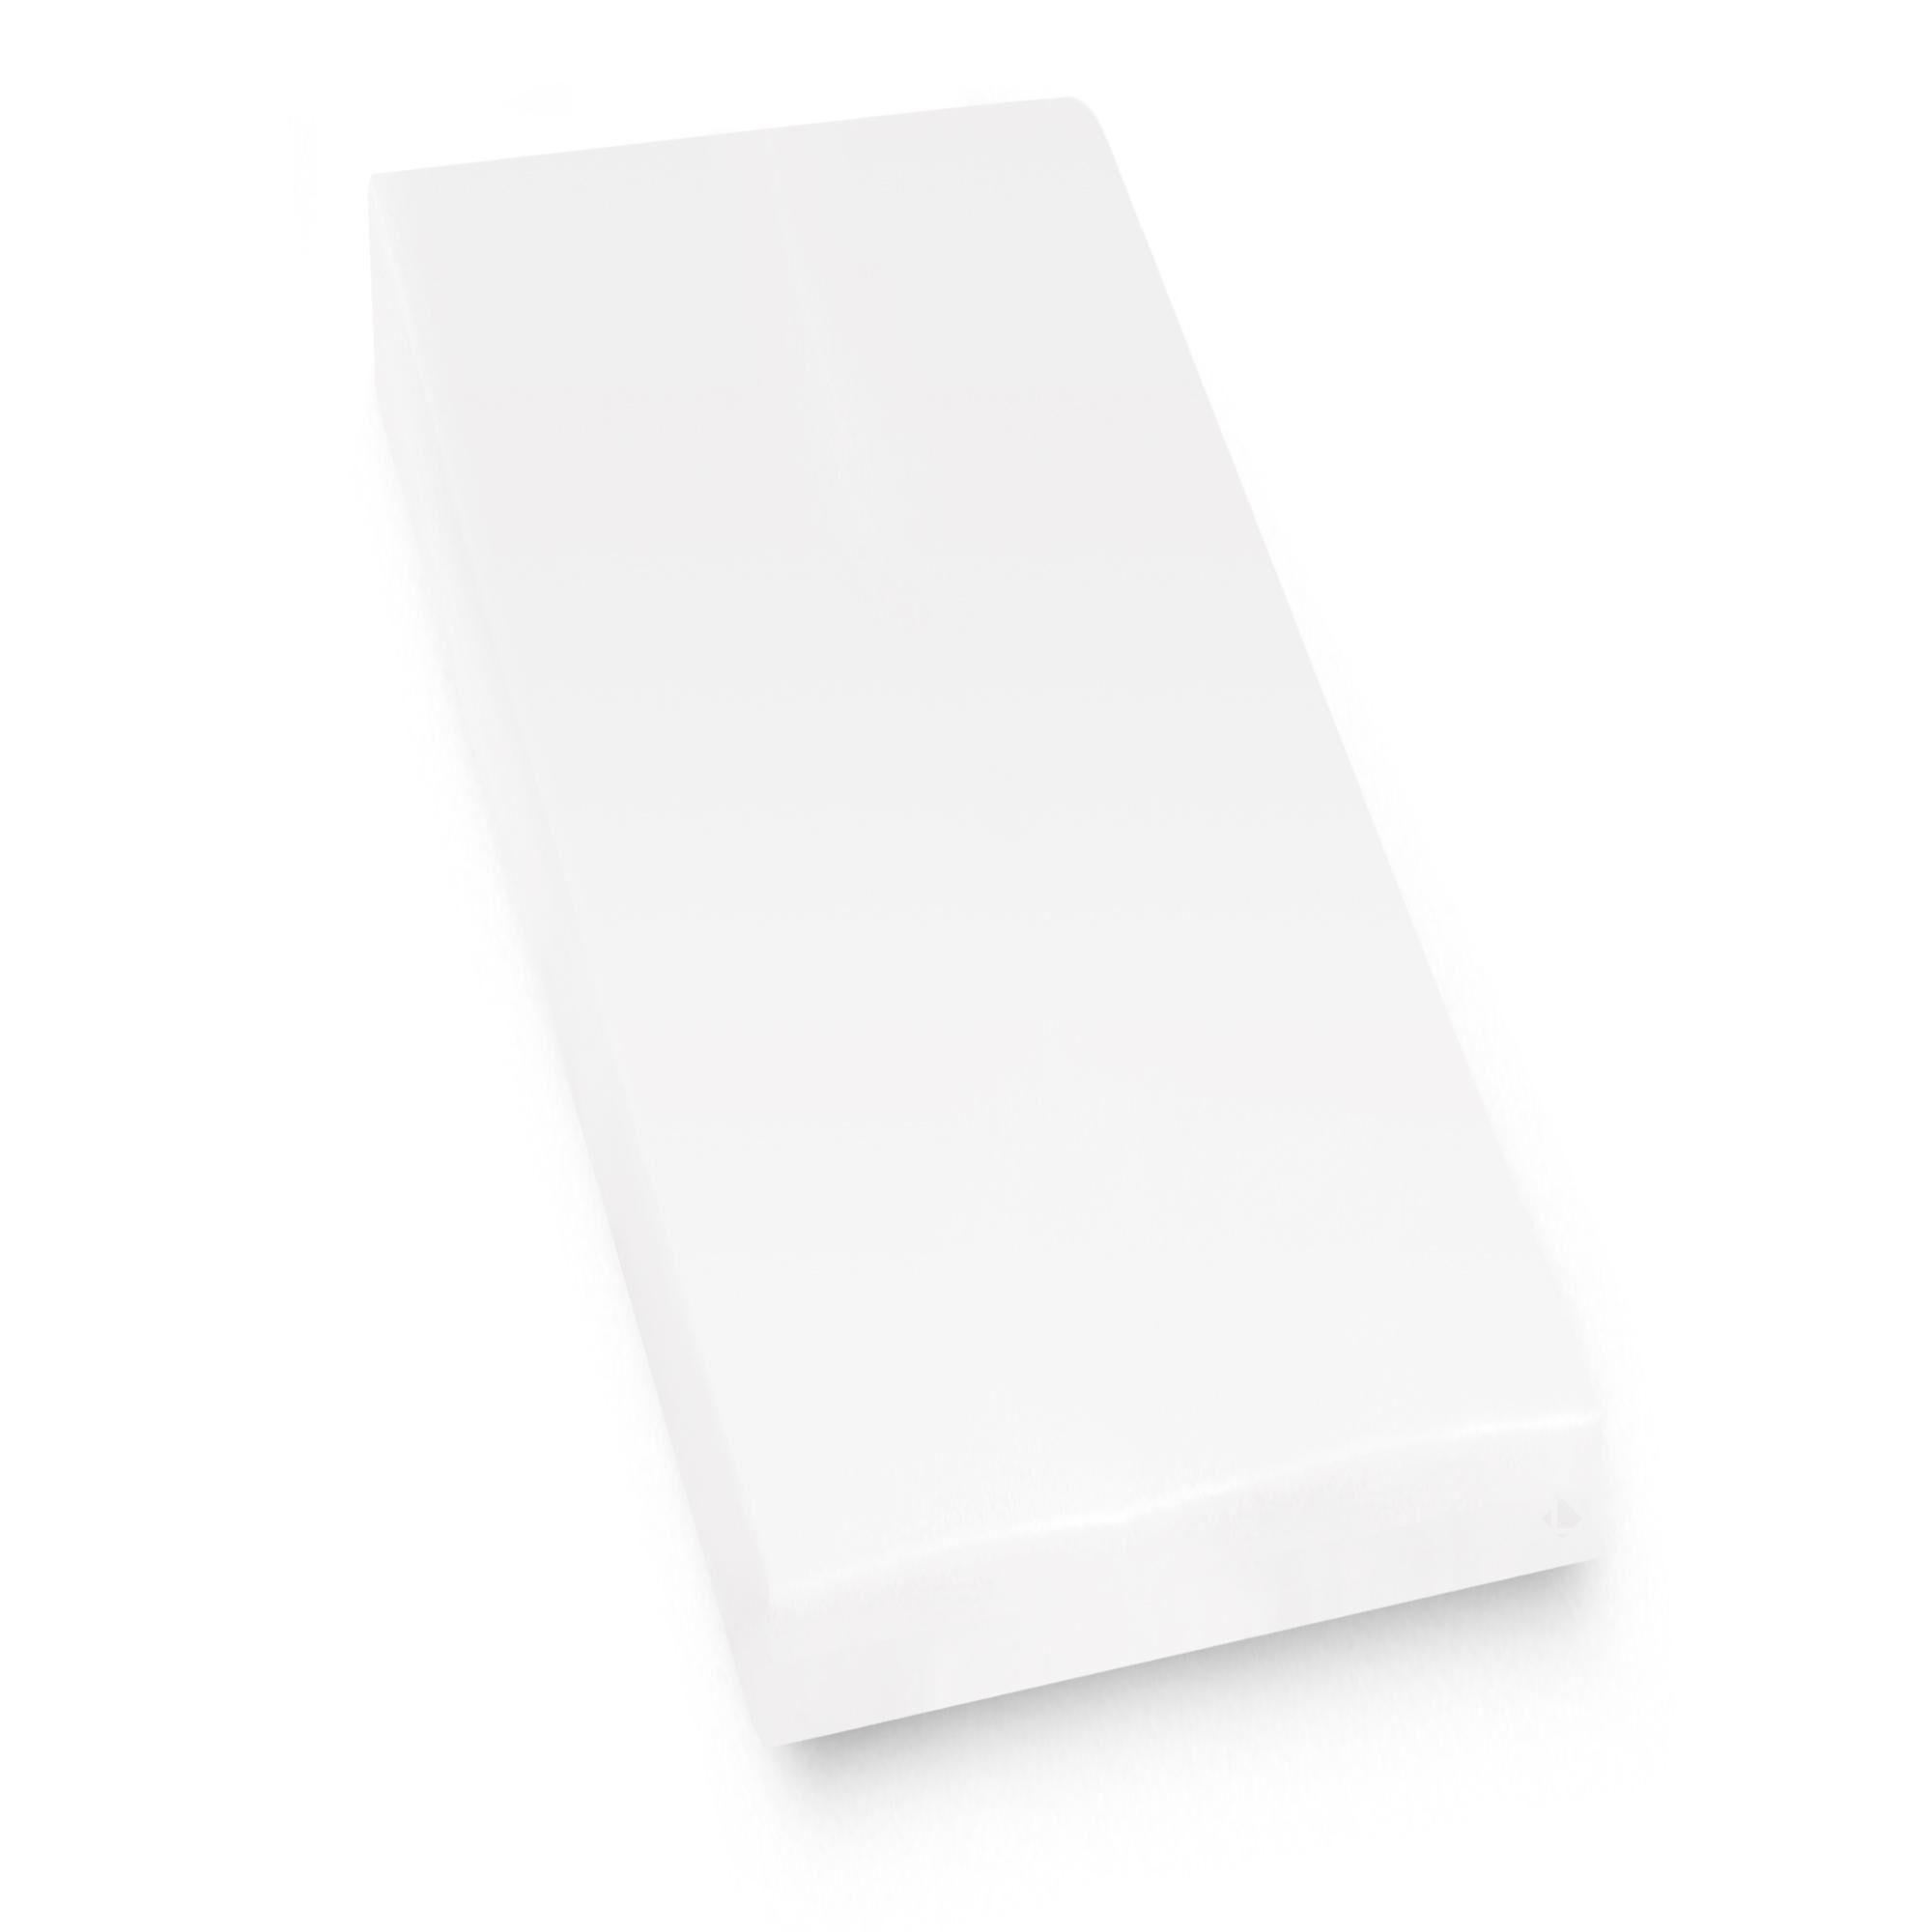 Linnea Protège matelas imperméable 80x190 cm bonnet 50cm ARNON molleton 100% coton contrecollé polyuréthane